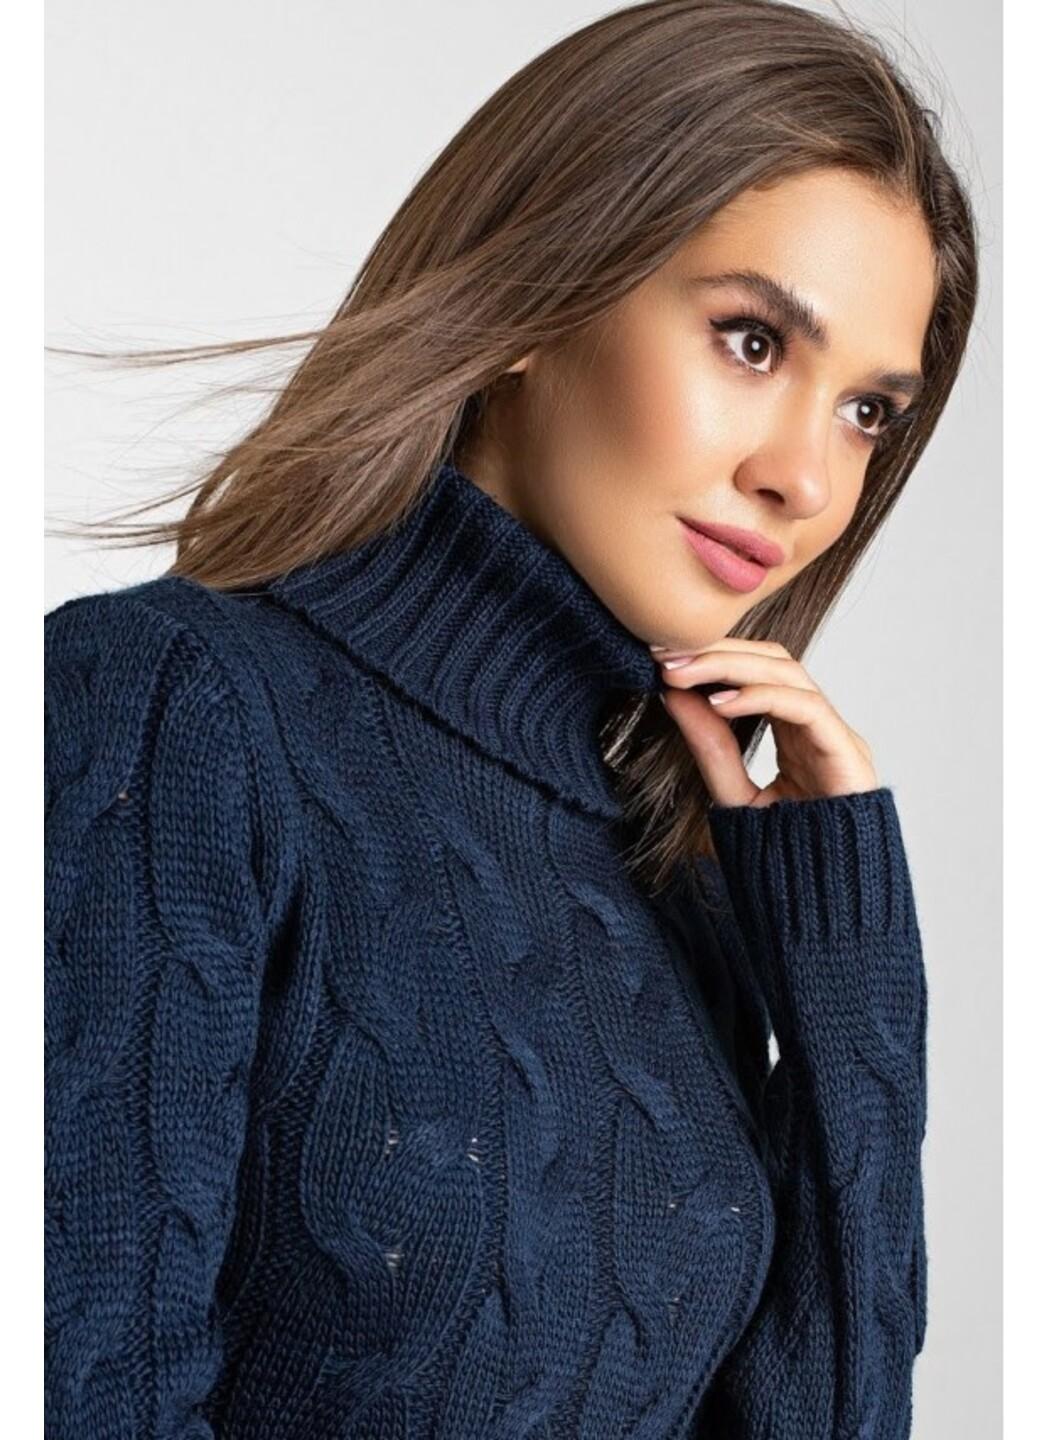 Женское Вязаное платье Сабрина Темно-синий купить в Украине: фото, цена, характеристики, отзывы - фото 3